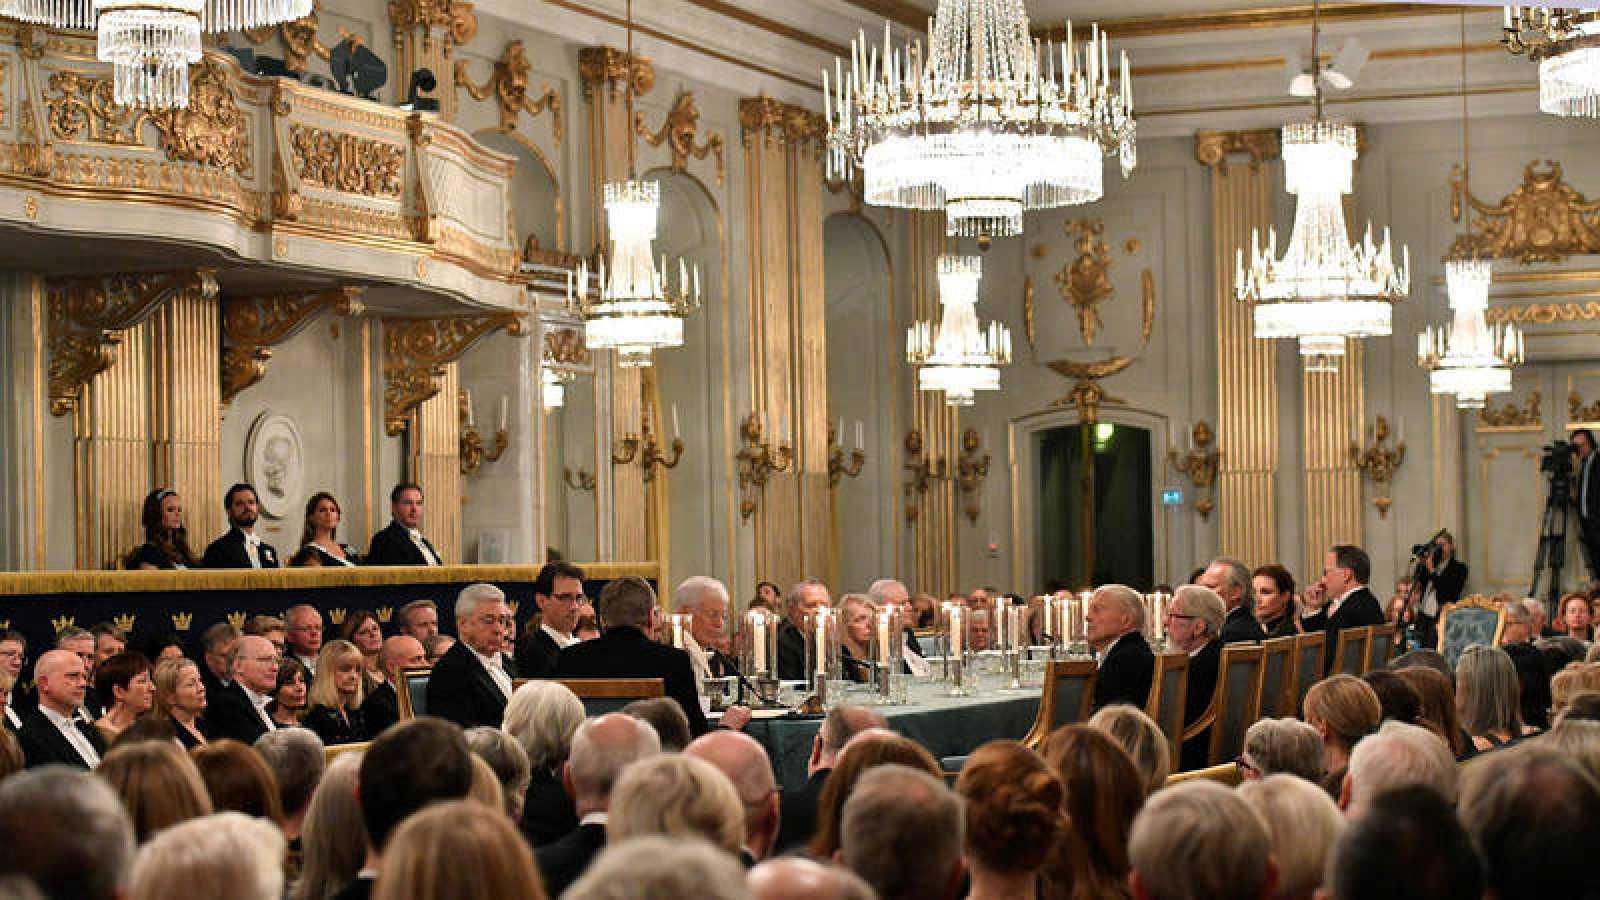 El escándalo en la Academia Sueca estalló en noviembre con la denuncia anónima de 18 mujeres por abusos y vejaciones sexuales